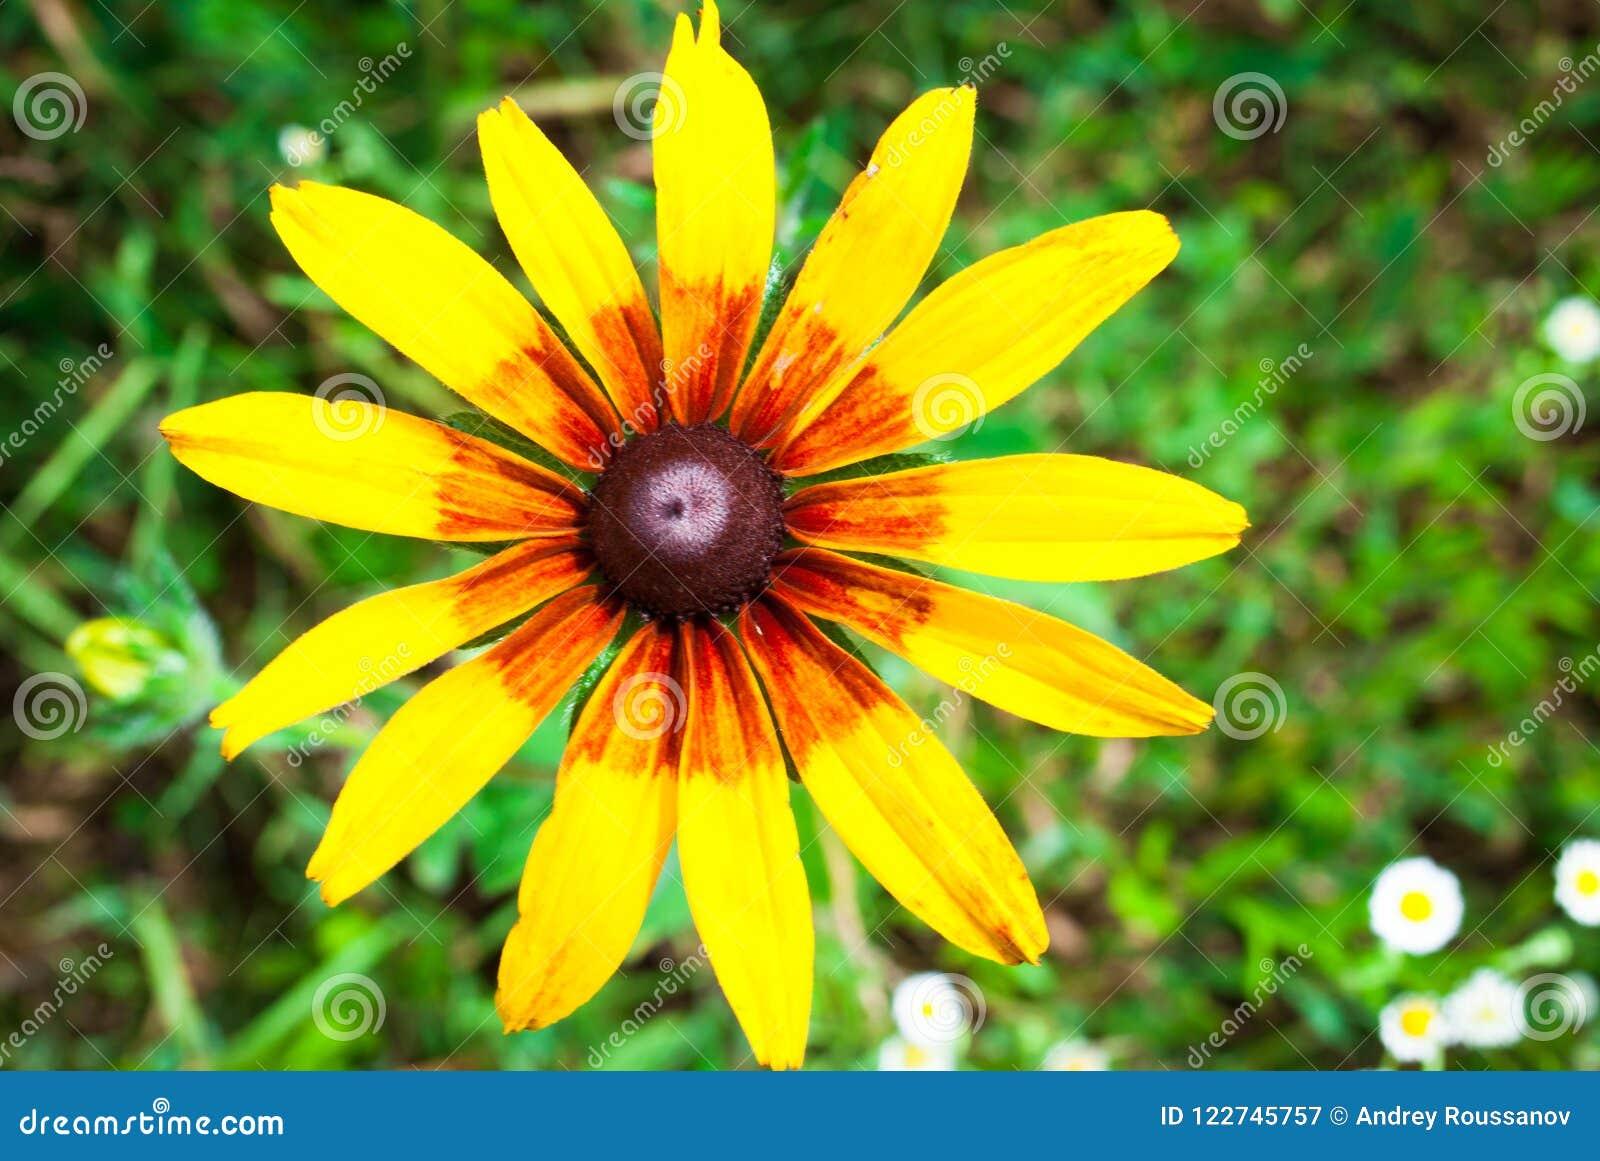 Rudbeckia Hirta, également connu sous le nom de Susan aux yeux noirs ou aux yeux bruns, b